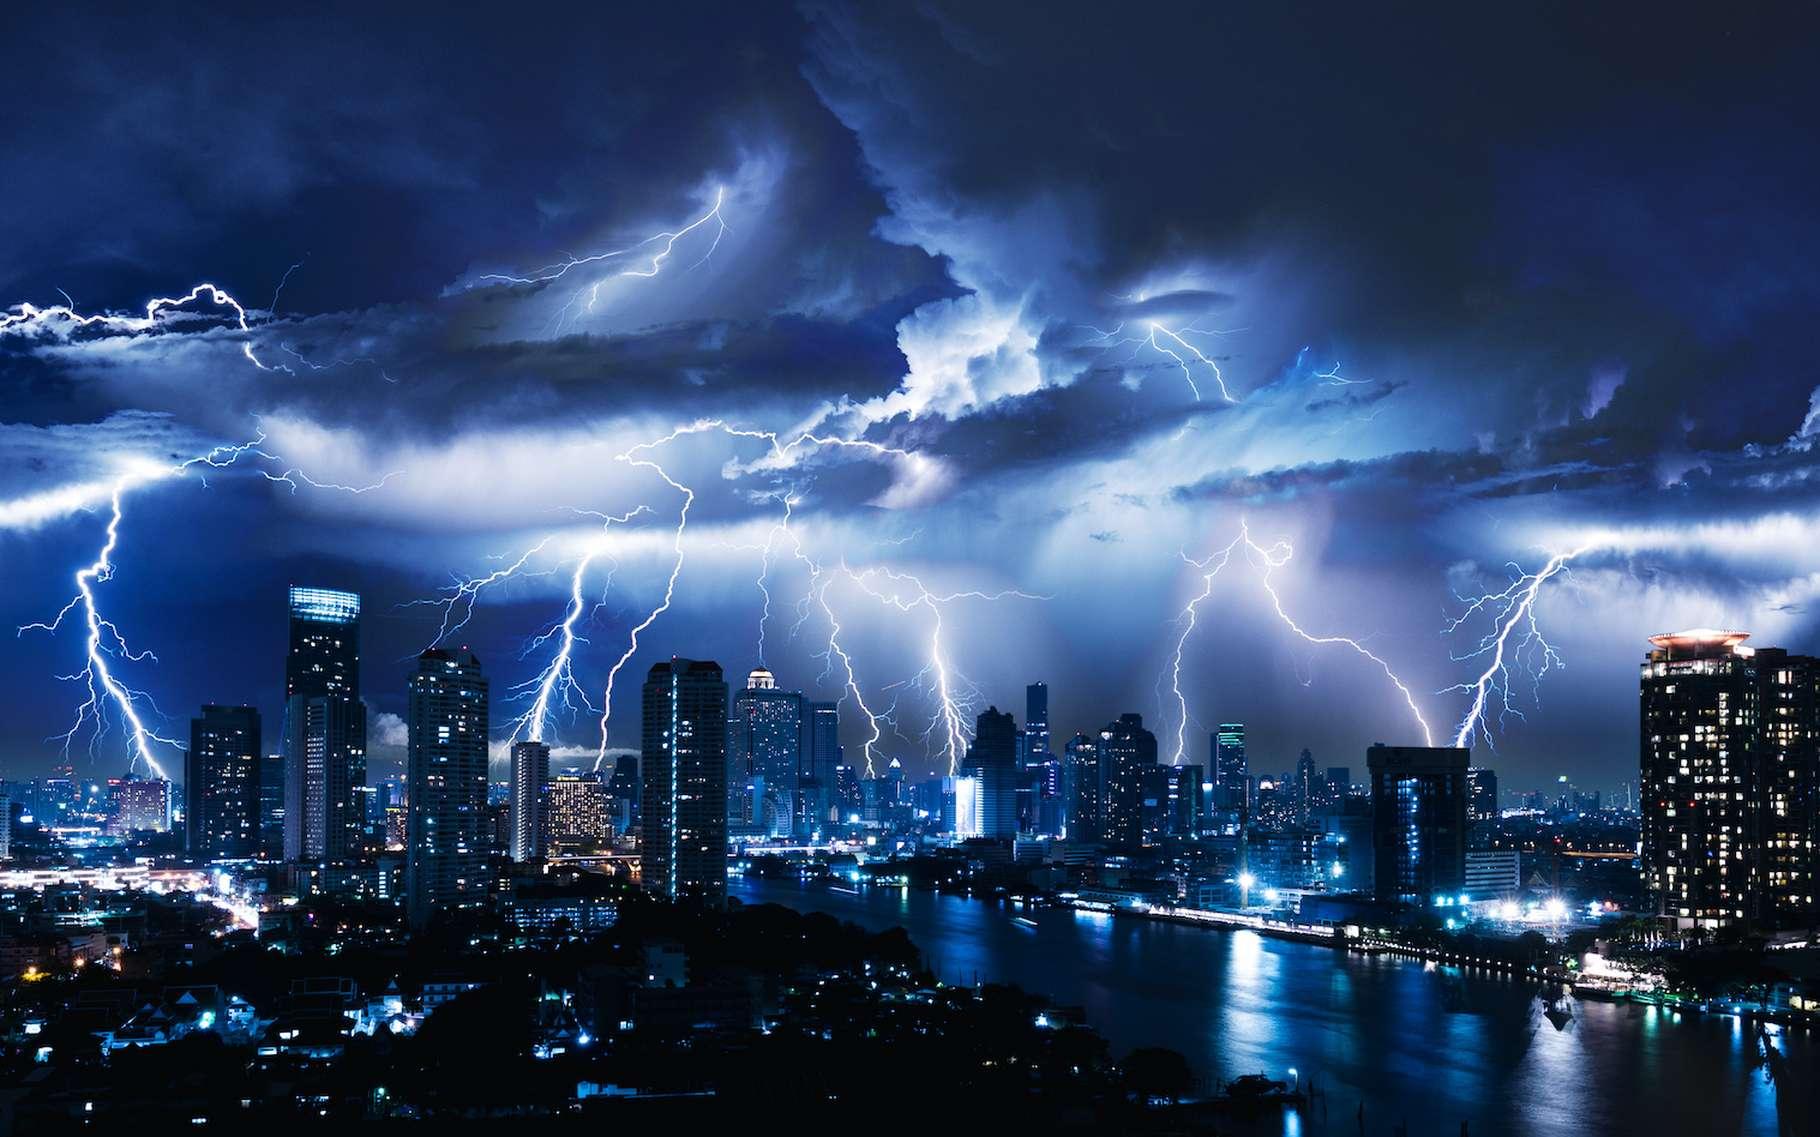 Des chercheurs de l'Académie des sciences chinoise ont enregistré le moment où se décide la trajectoire de la foudre. © stnazkul, Adobe Stock